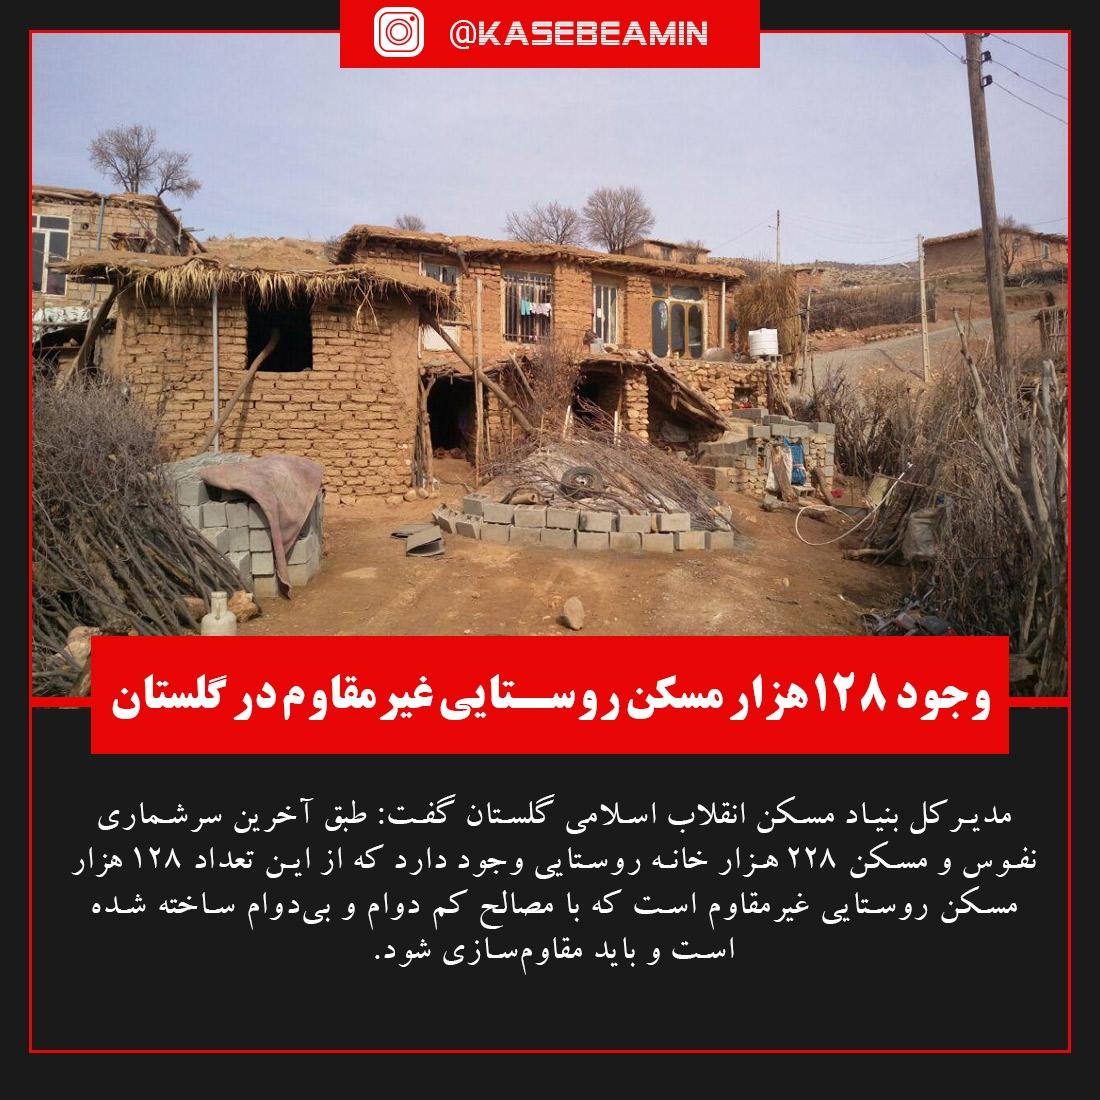 بی تدبیری دولت در گلستان تا اخراج نیرو ها